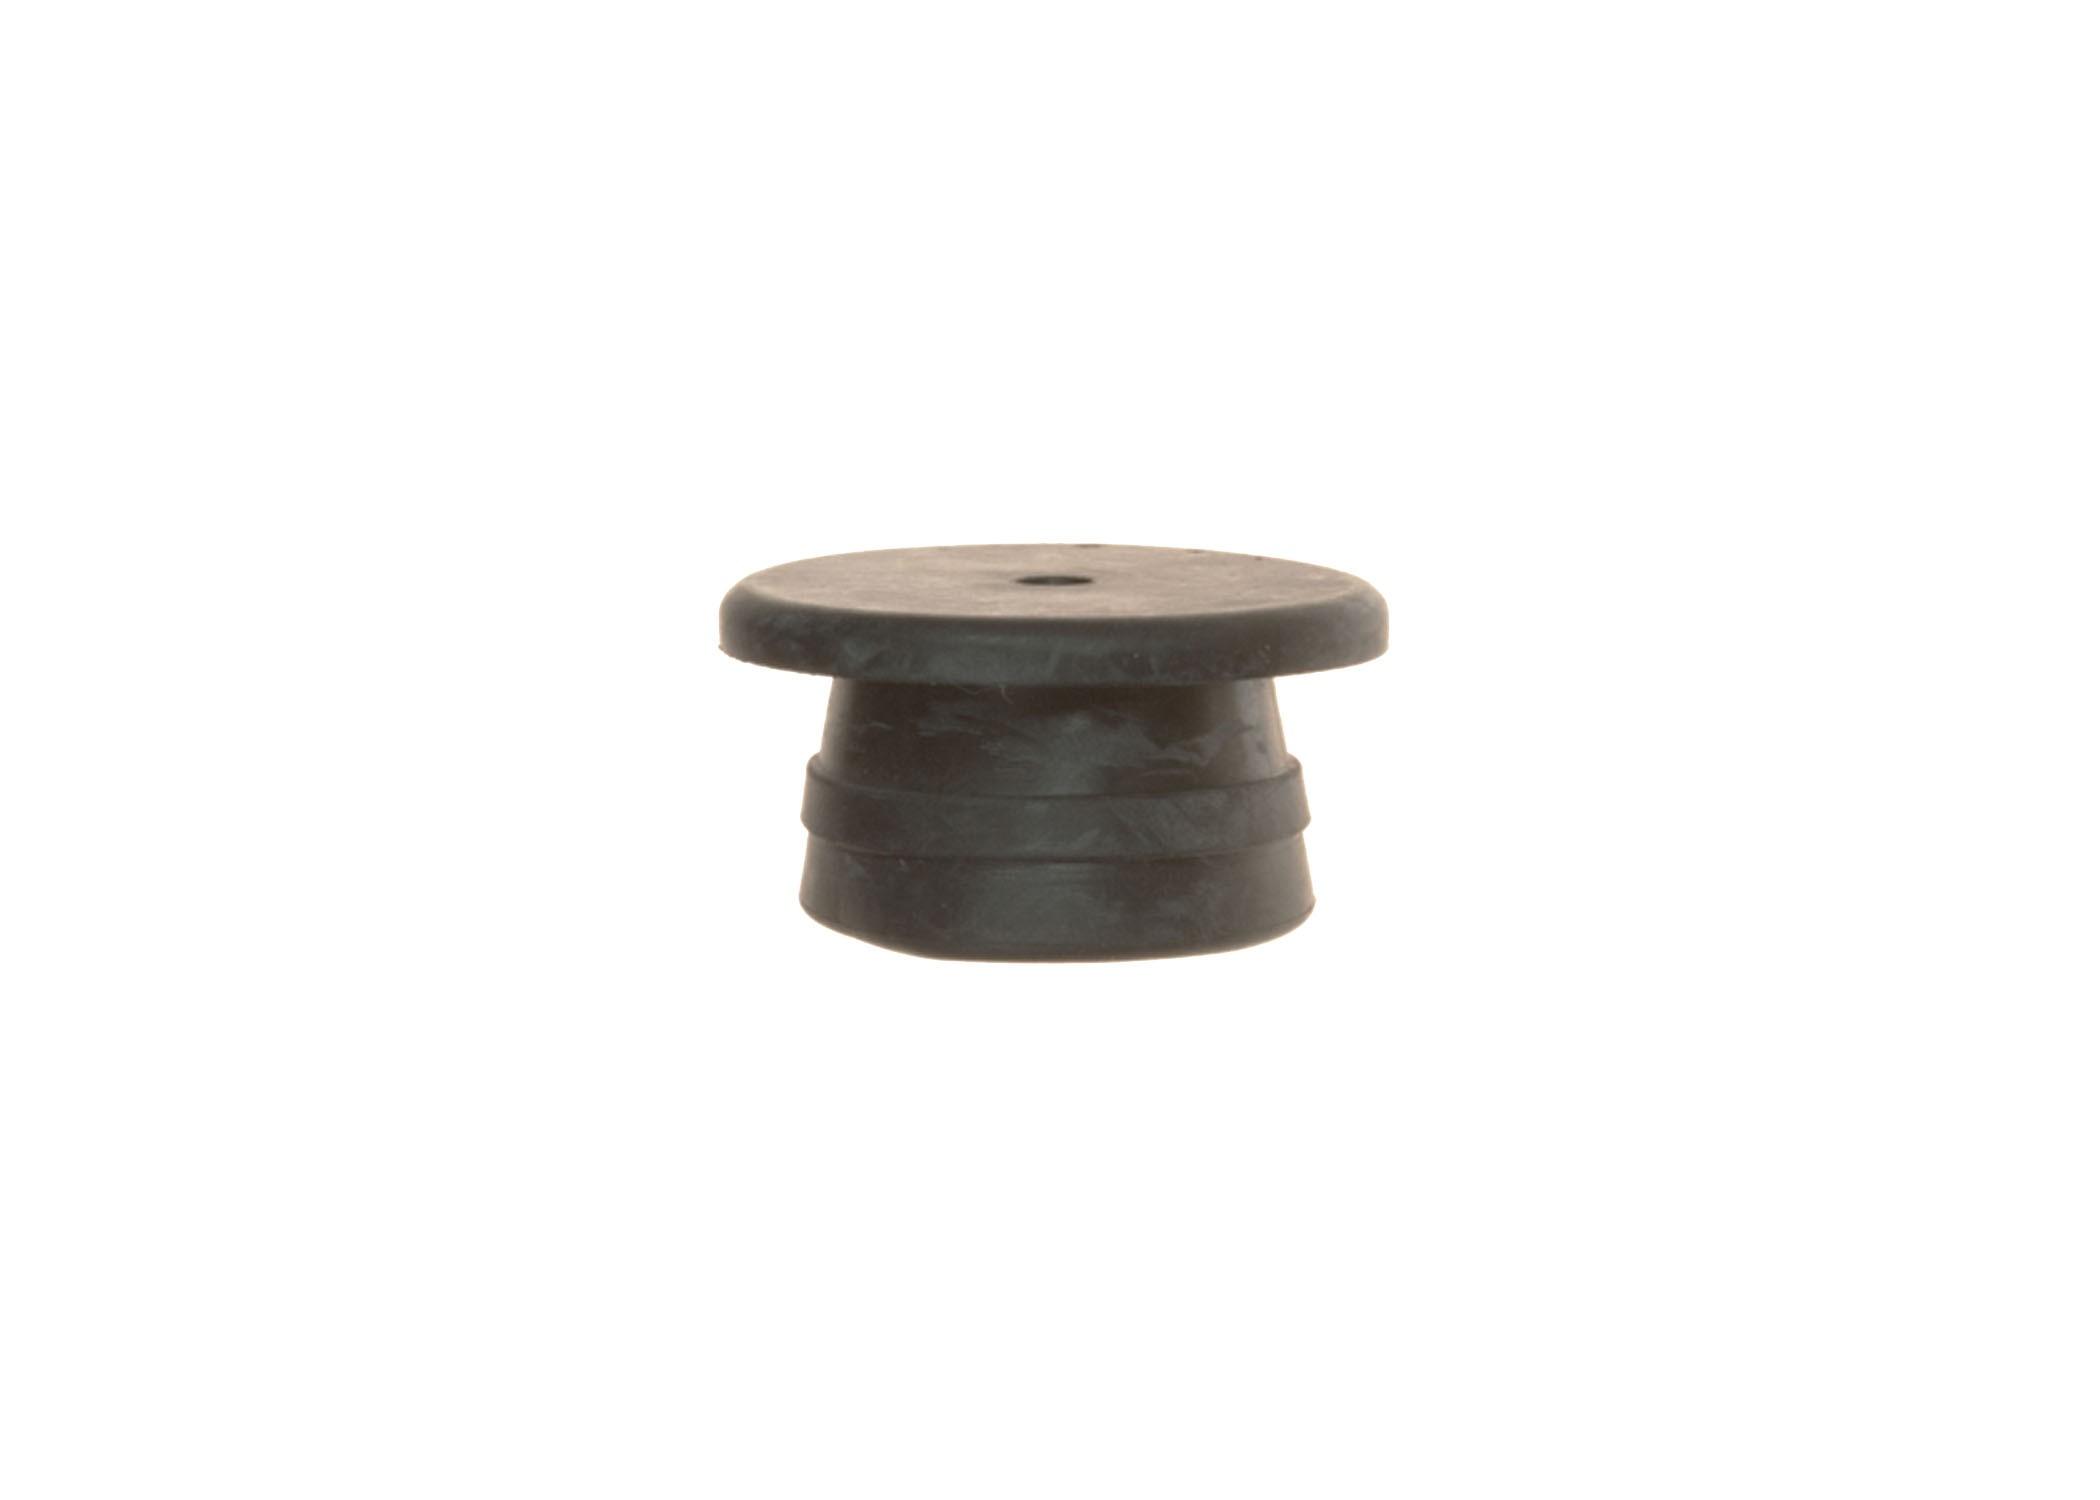 Grease Cap Plug : Hub cap plug for pro par oil grease caps hd truck